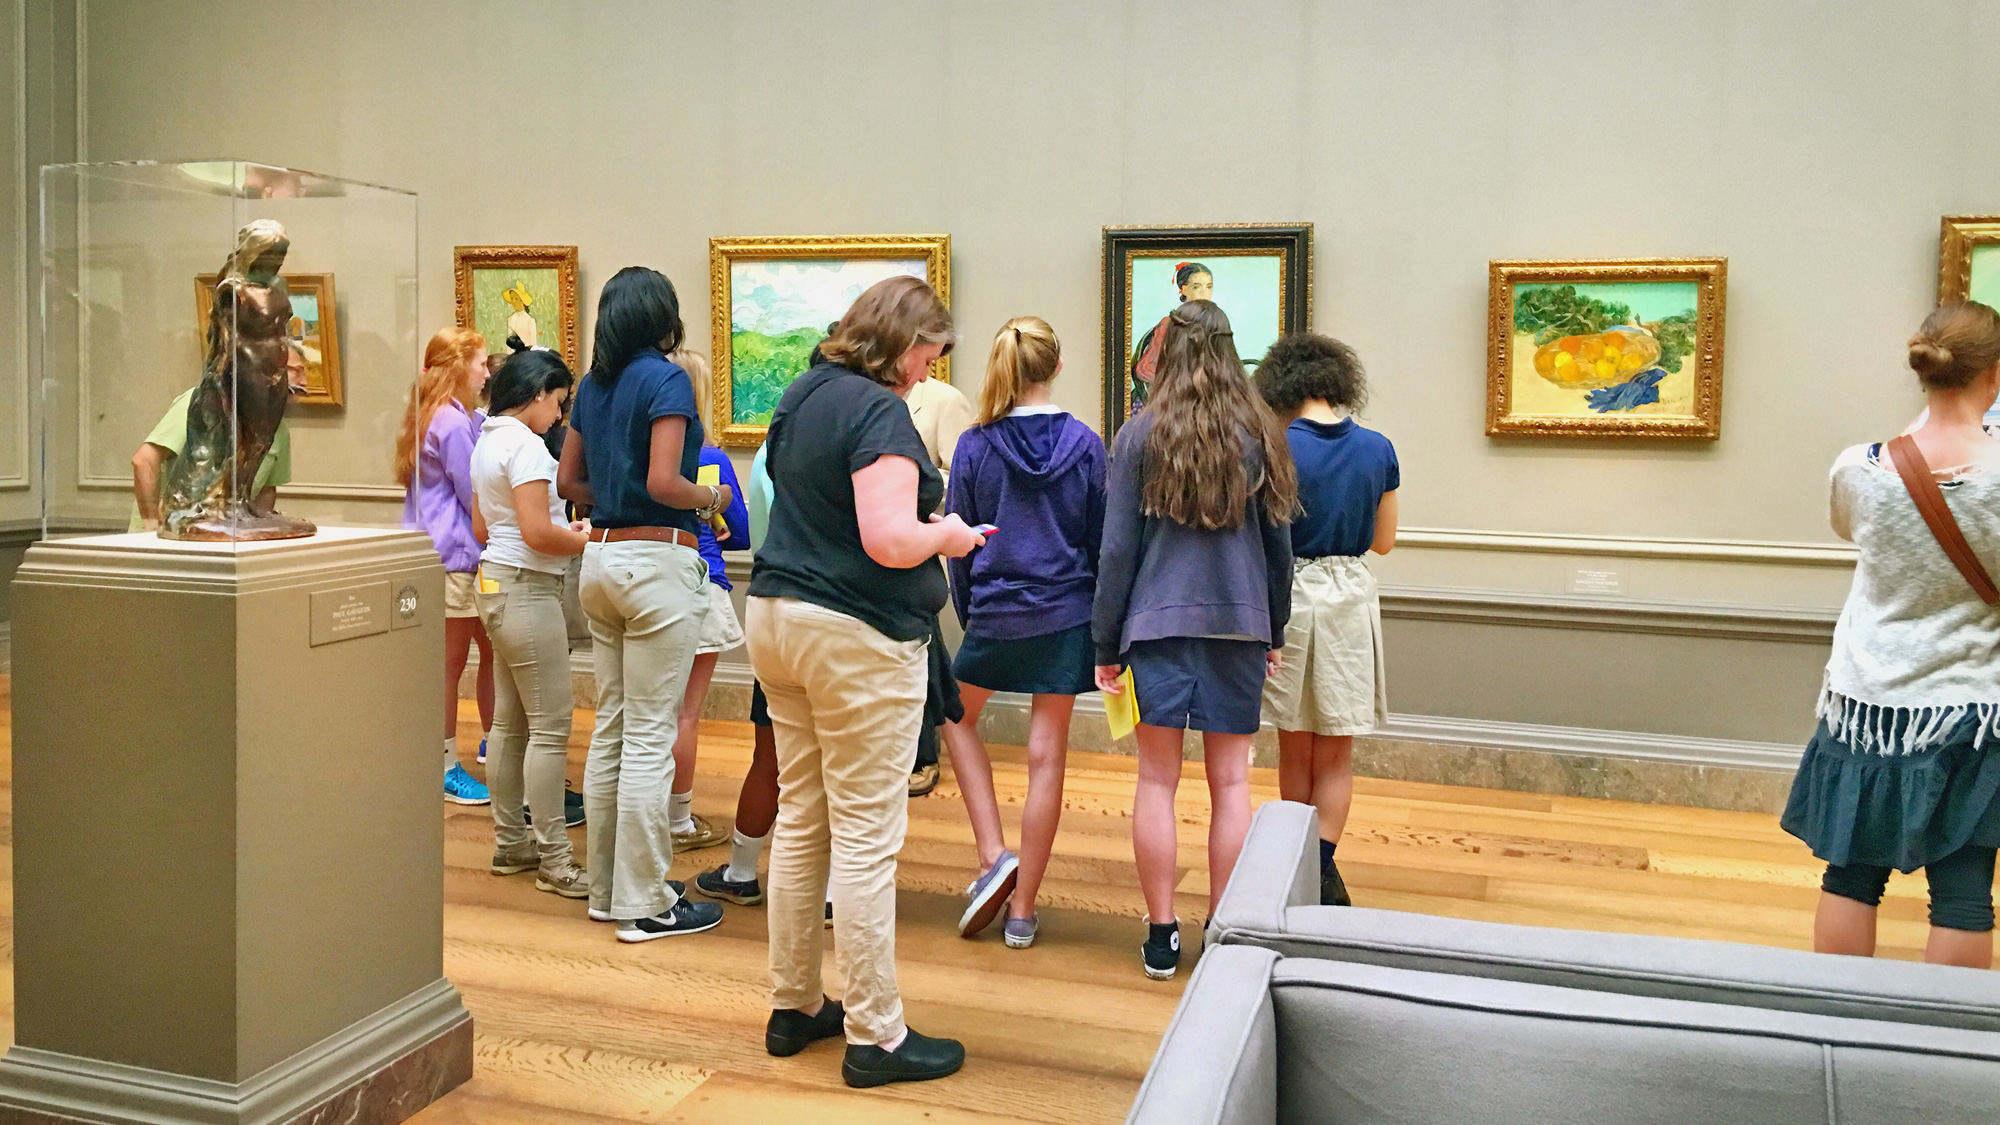 在国家艺术馆内学习的学生